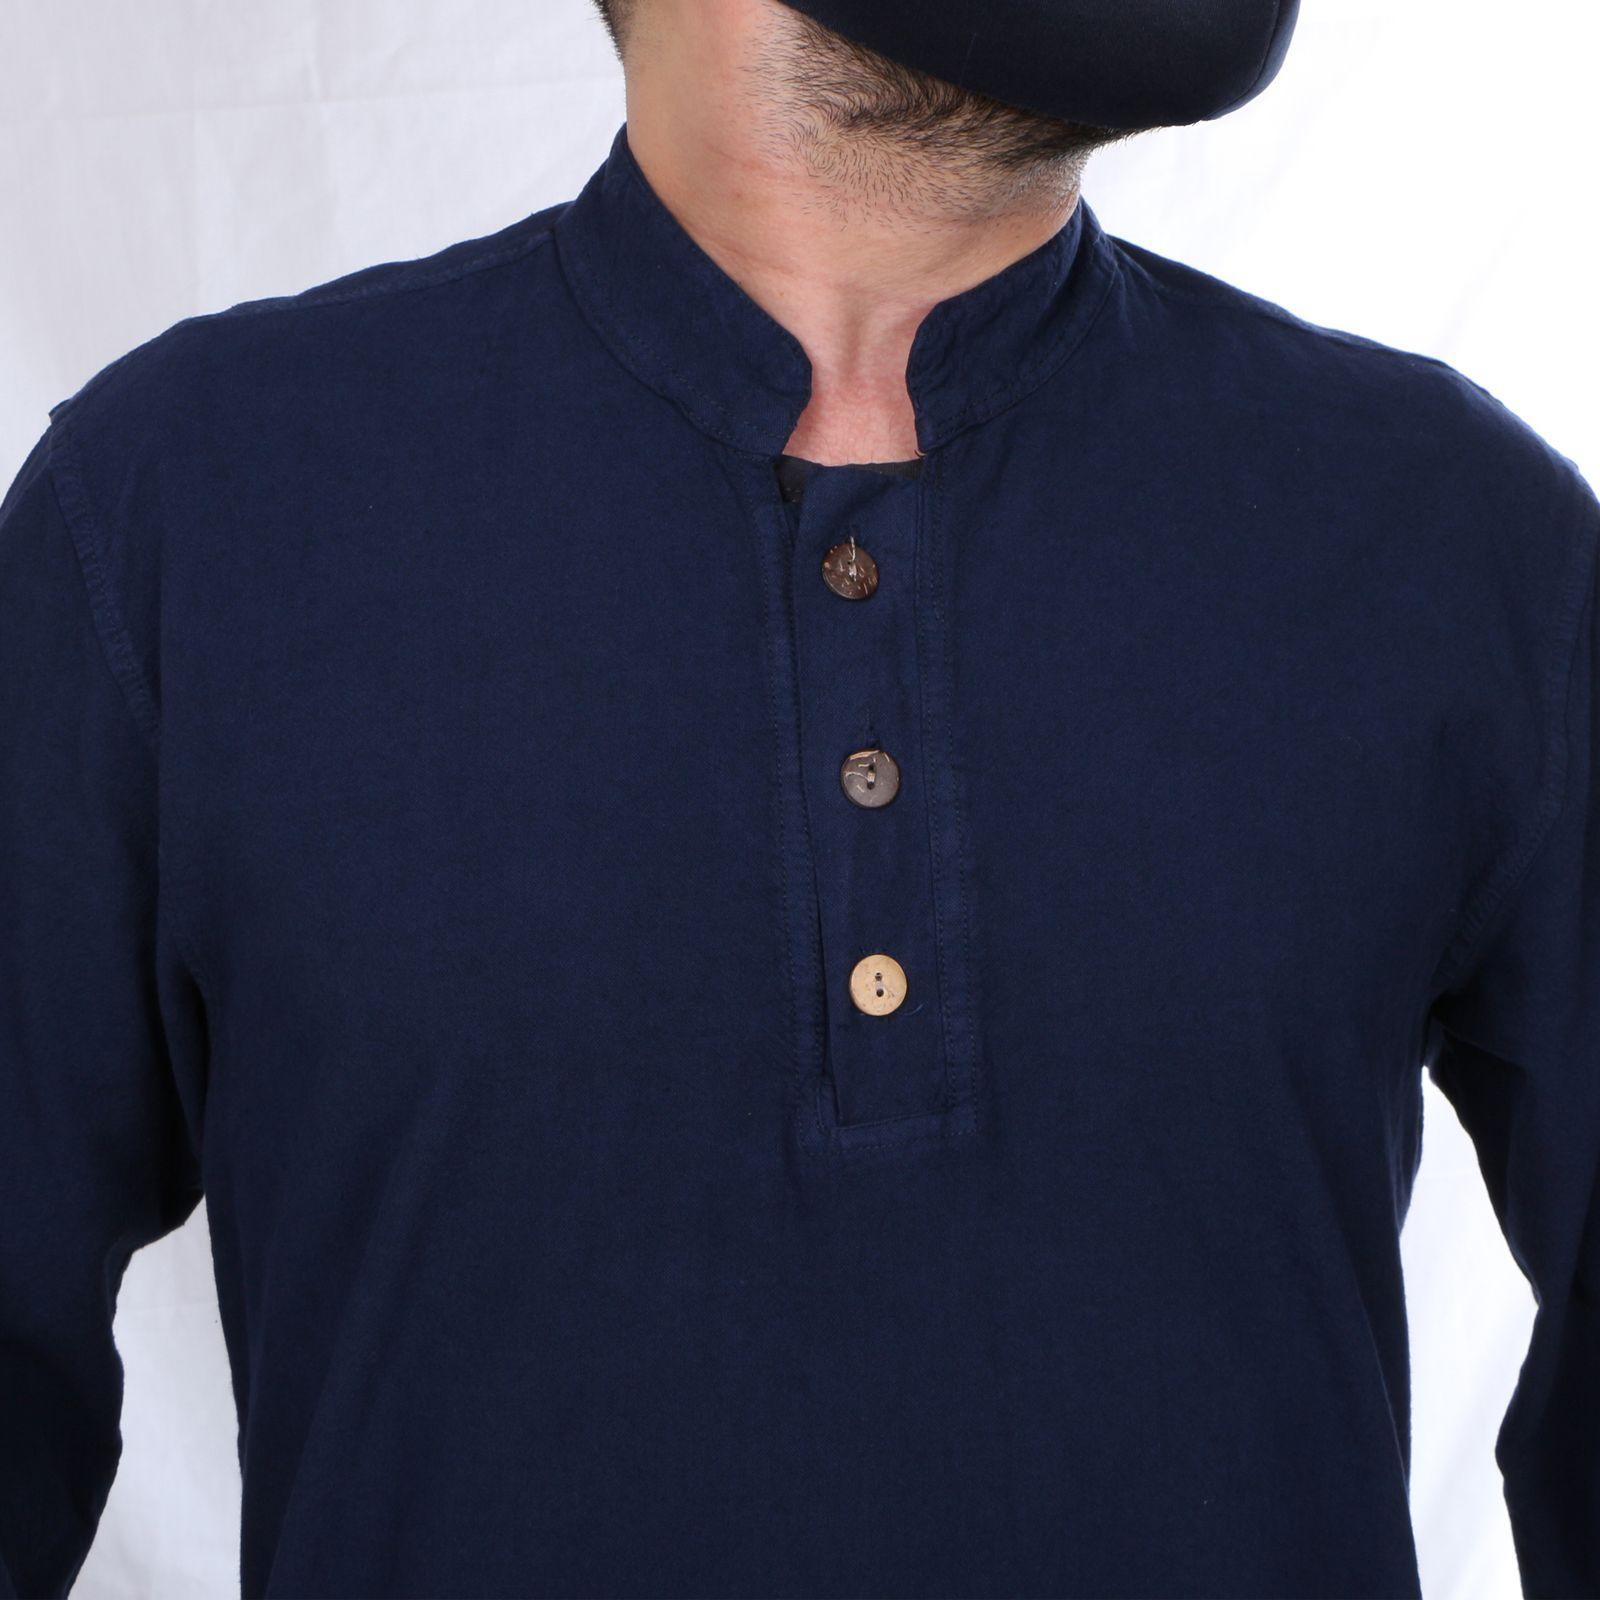 پیراهن آستین بلند مردانه کد P.3D.S.04 رنگ سرمه ای -  - 4